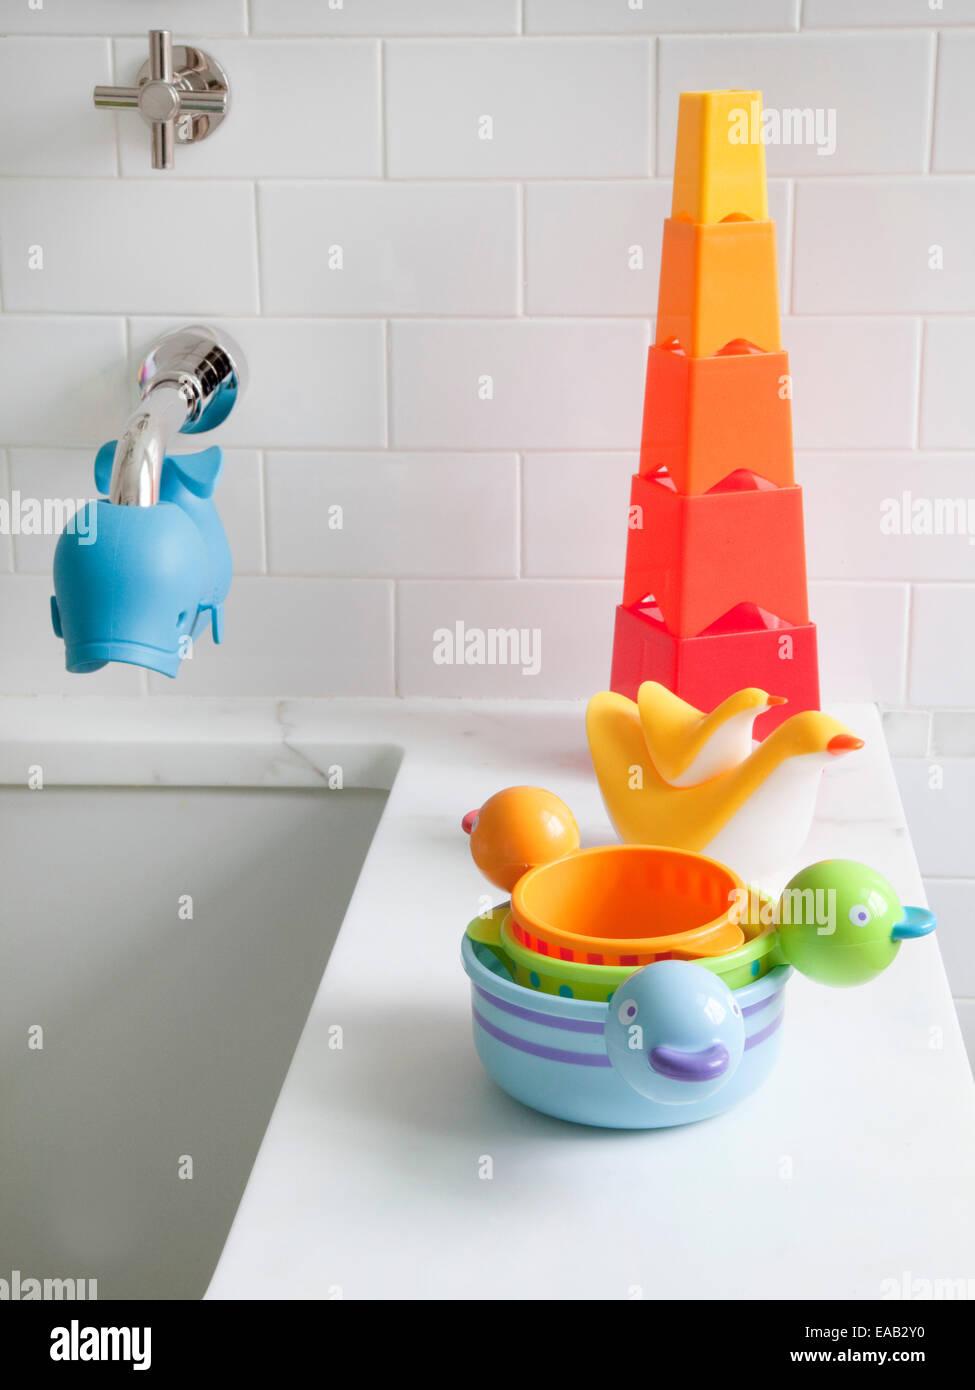 Bambini giocattoli da bagno sul bordo della vasca da bagno a casa Immagini Stock